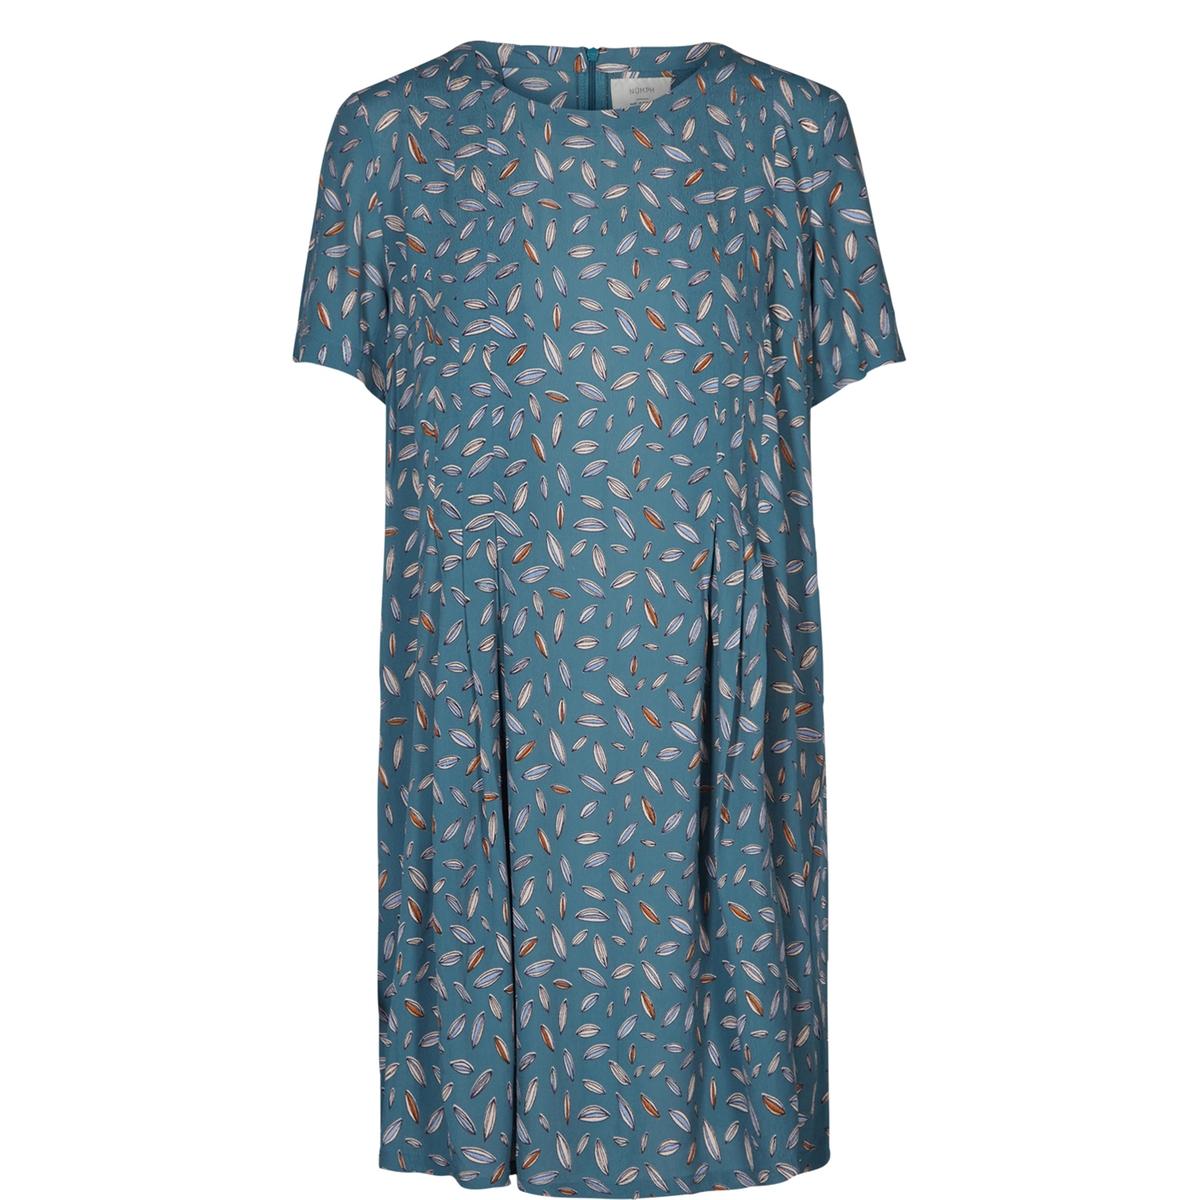 Платье короткое прямое с короткими рукавами короткое расклешённое платье с короткими рукавами azteca skirt